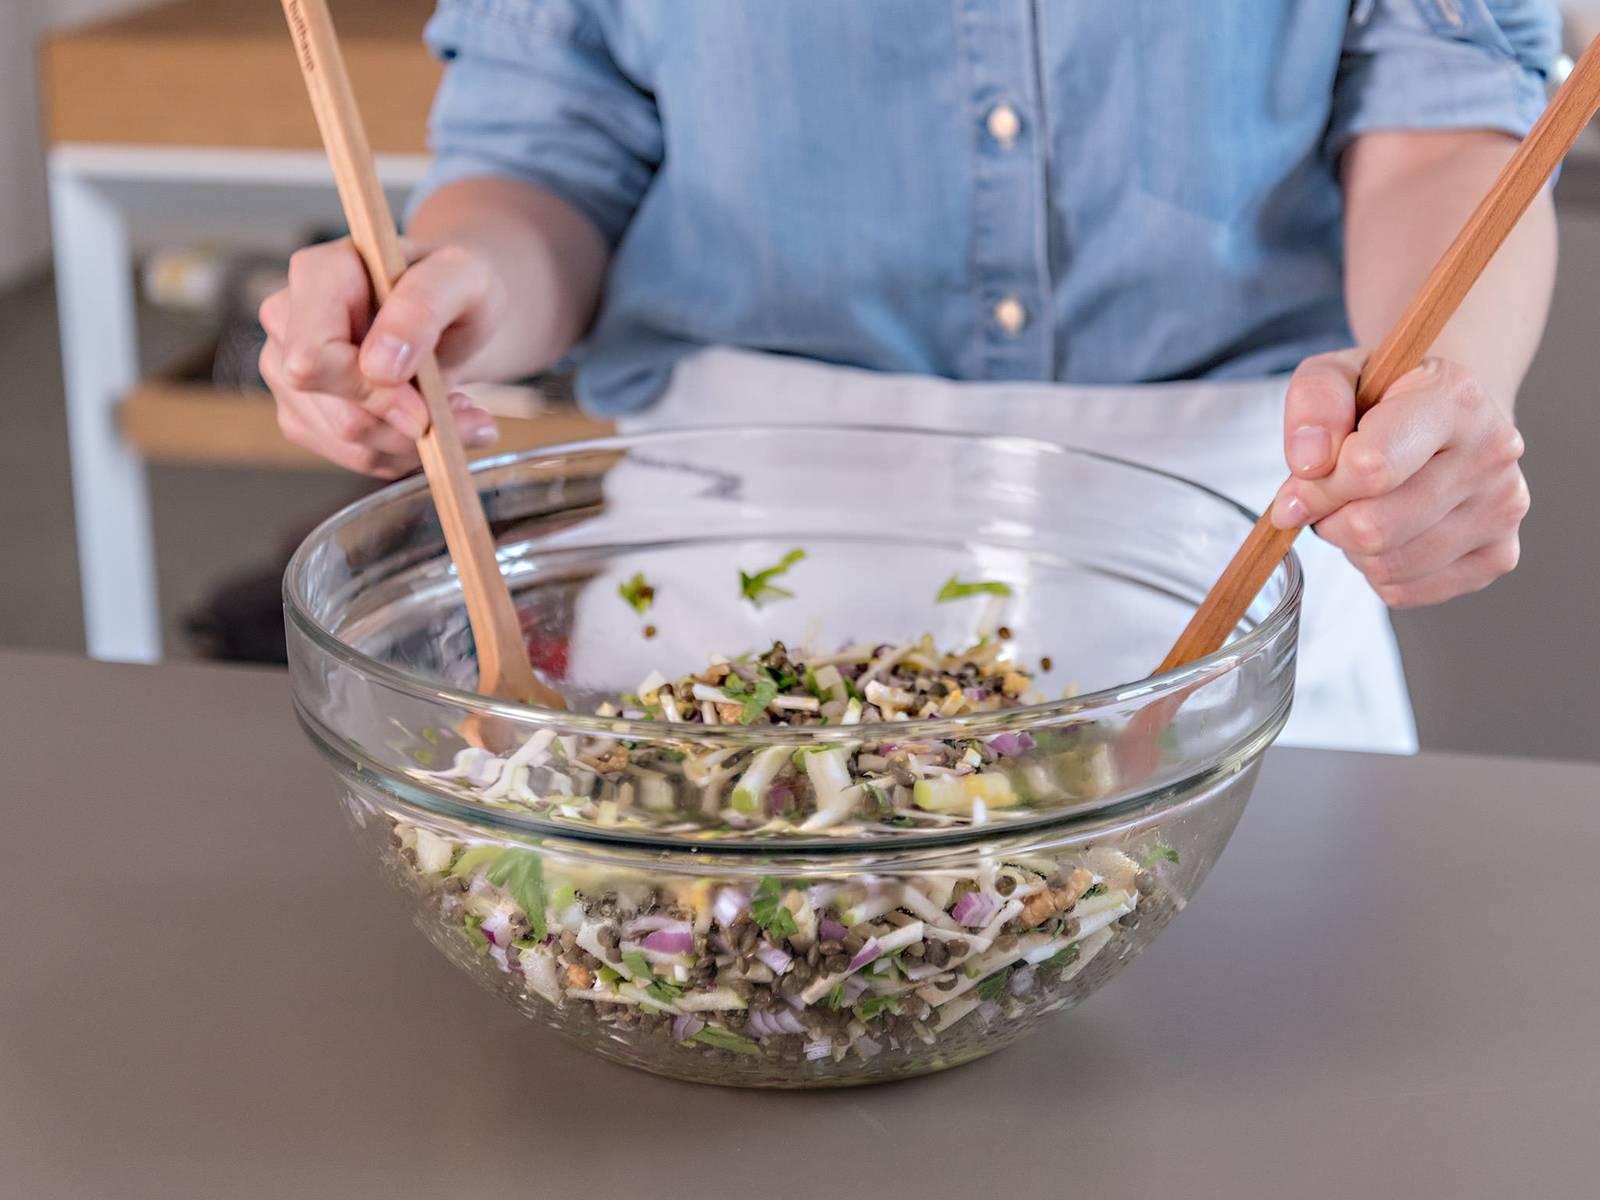 Äpfel, Sellerieknolle, Petersilie, Walnüsse und rote Zwiebel in eine große Schüssel geben und mit dem Dressing vermischen. Mit Salz und Pfeffer abschmecken. Guten Appetit!